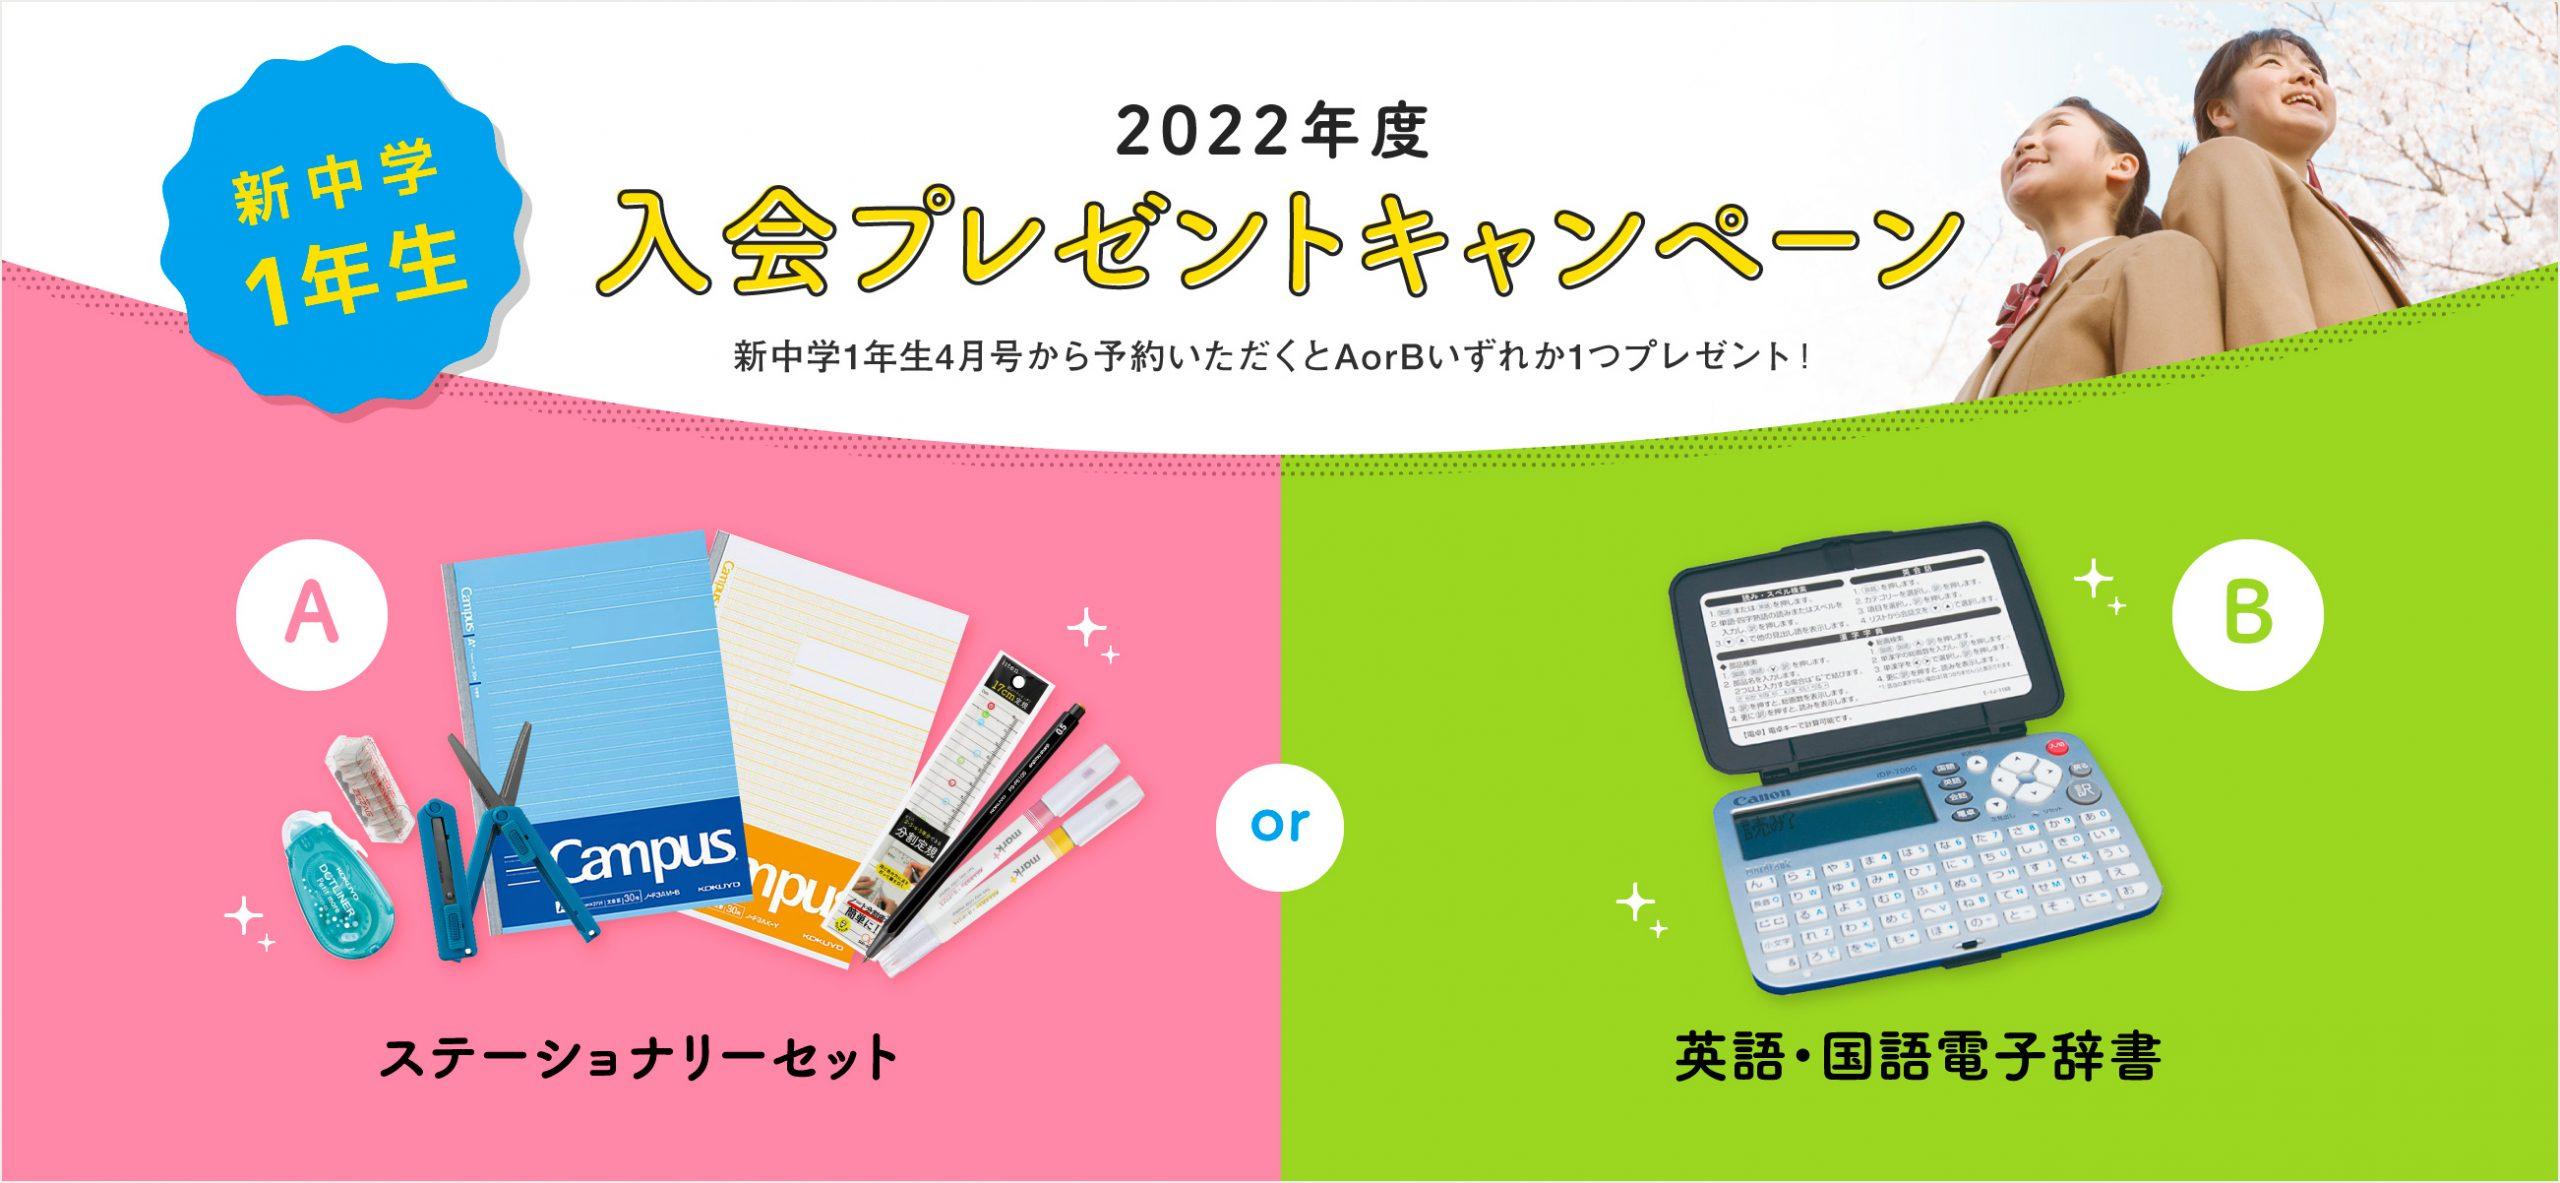 新中学1年生 2022年度 入会プレゼントキャンペーン